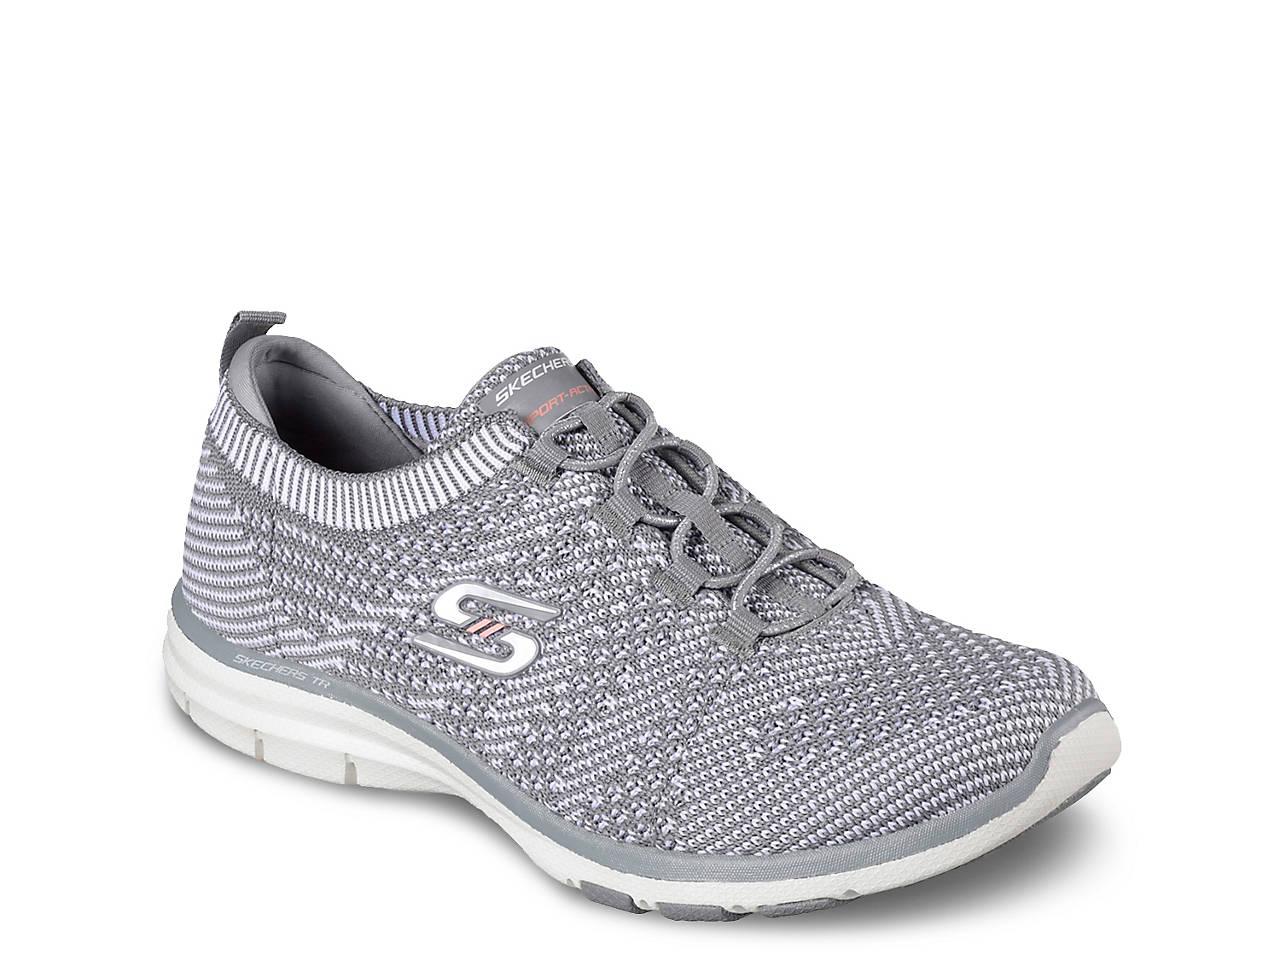 7507802cc36f Skechers Galaxies Slip-On Sneaker - Women s Women s Shoes